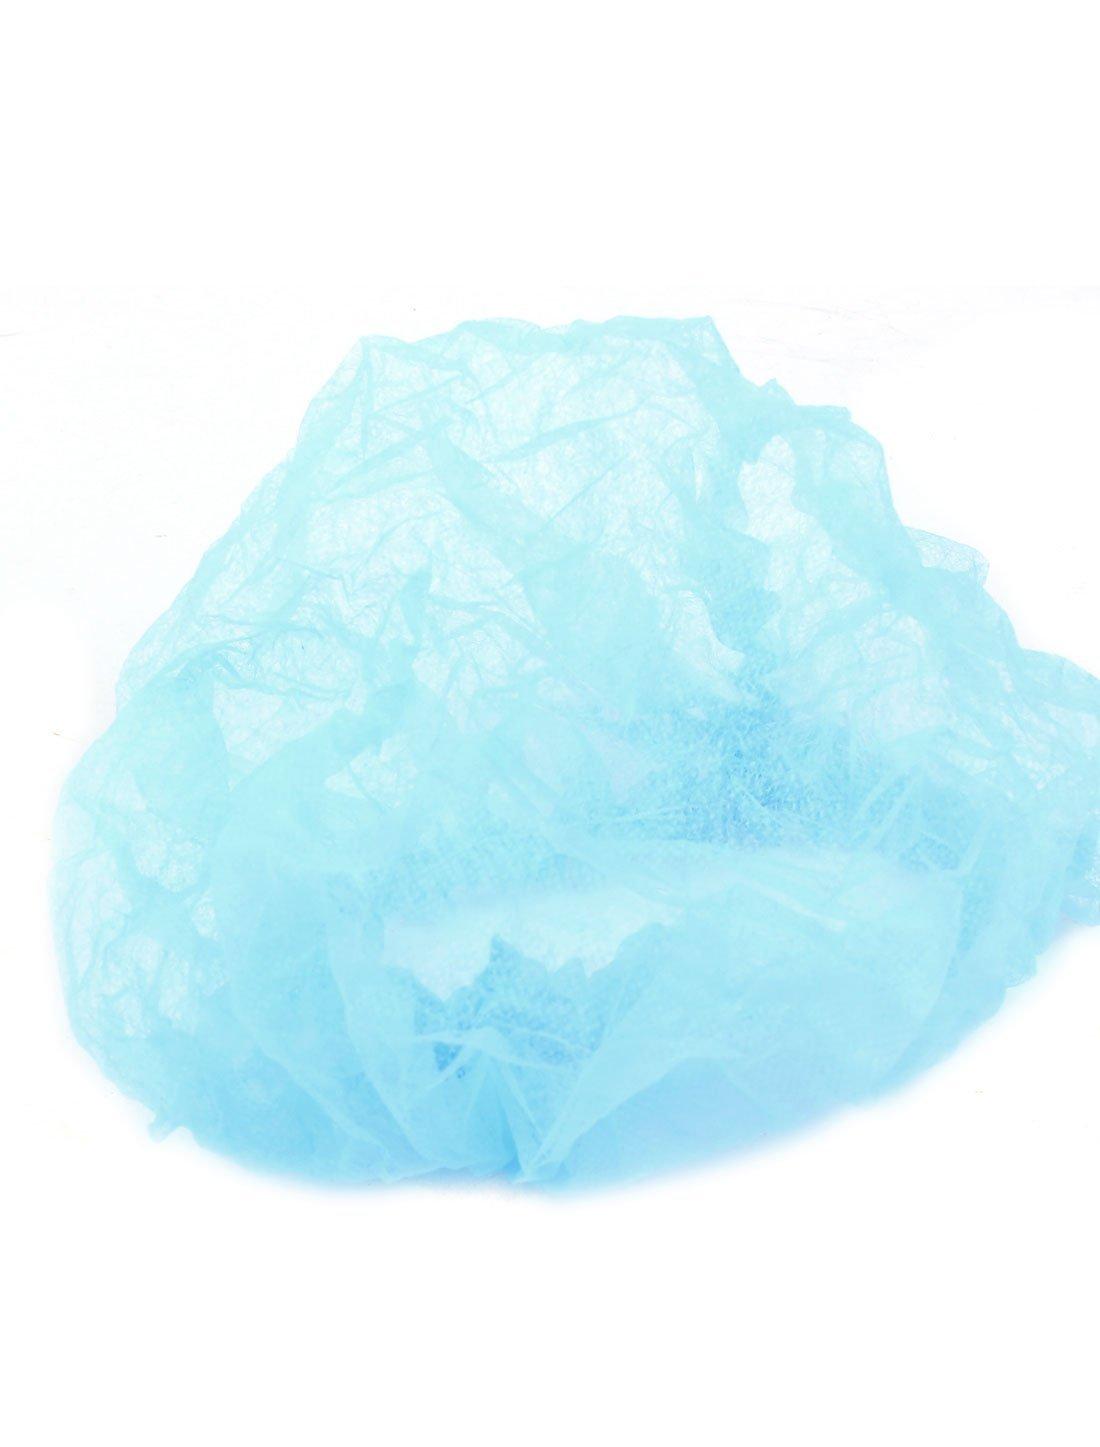 Amazon.com: eDealMax No Tejido elástico de la ducha del baño desechables Pelo 100PCS el casquillo Azul: Home & Kitchen